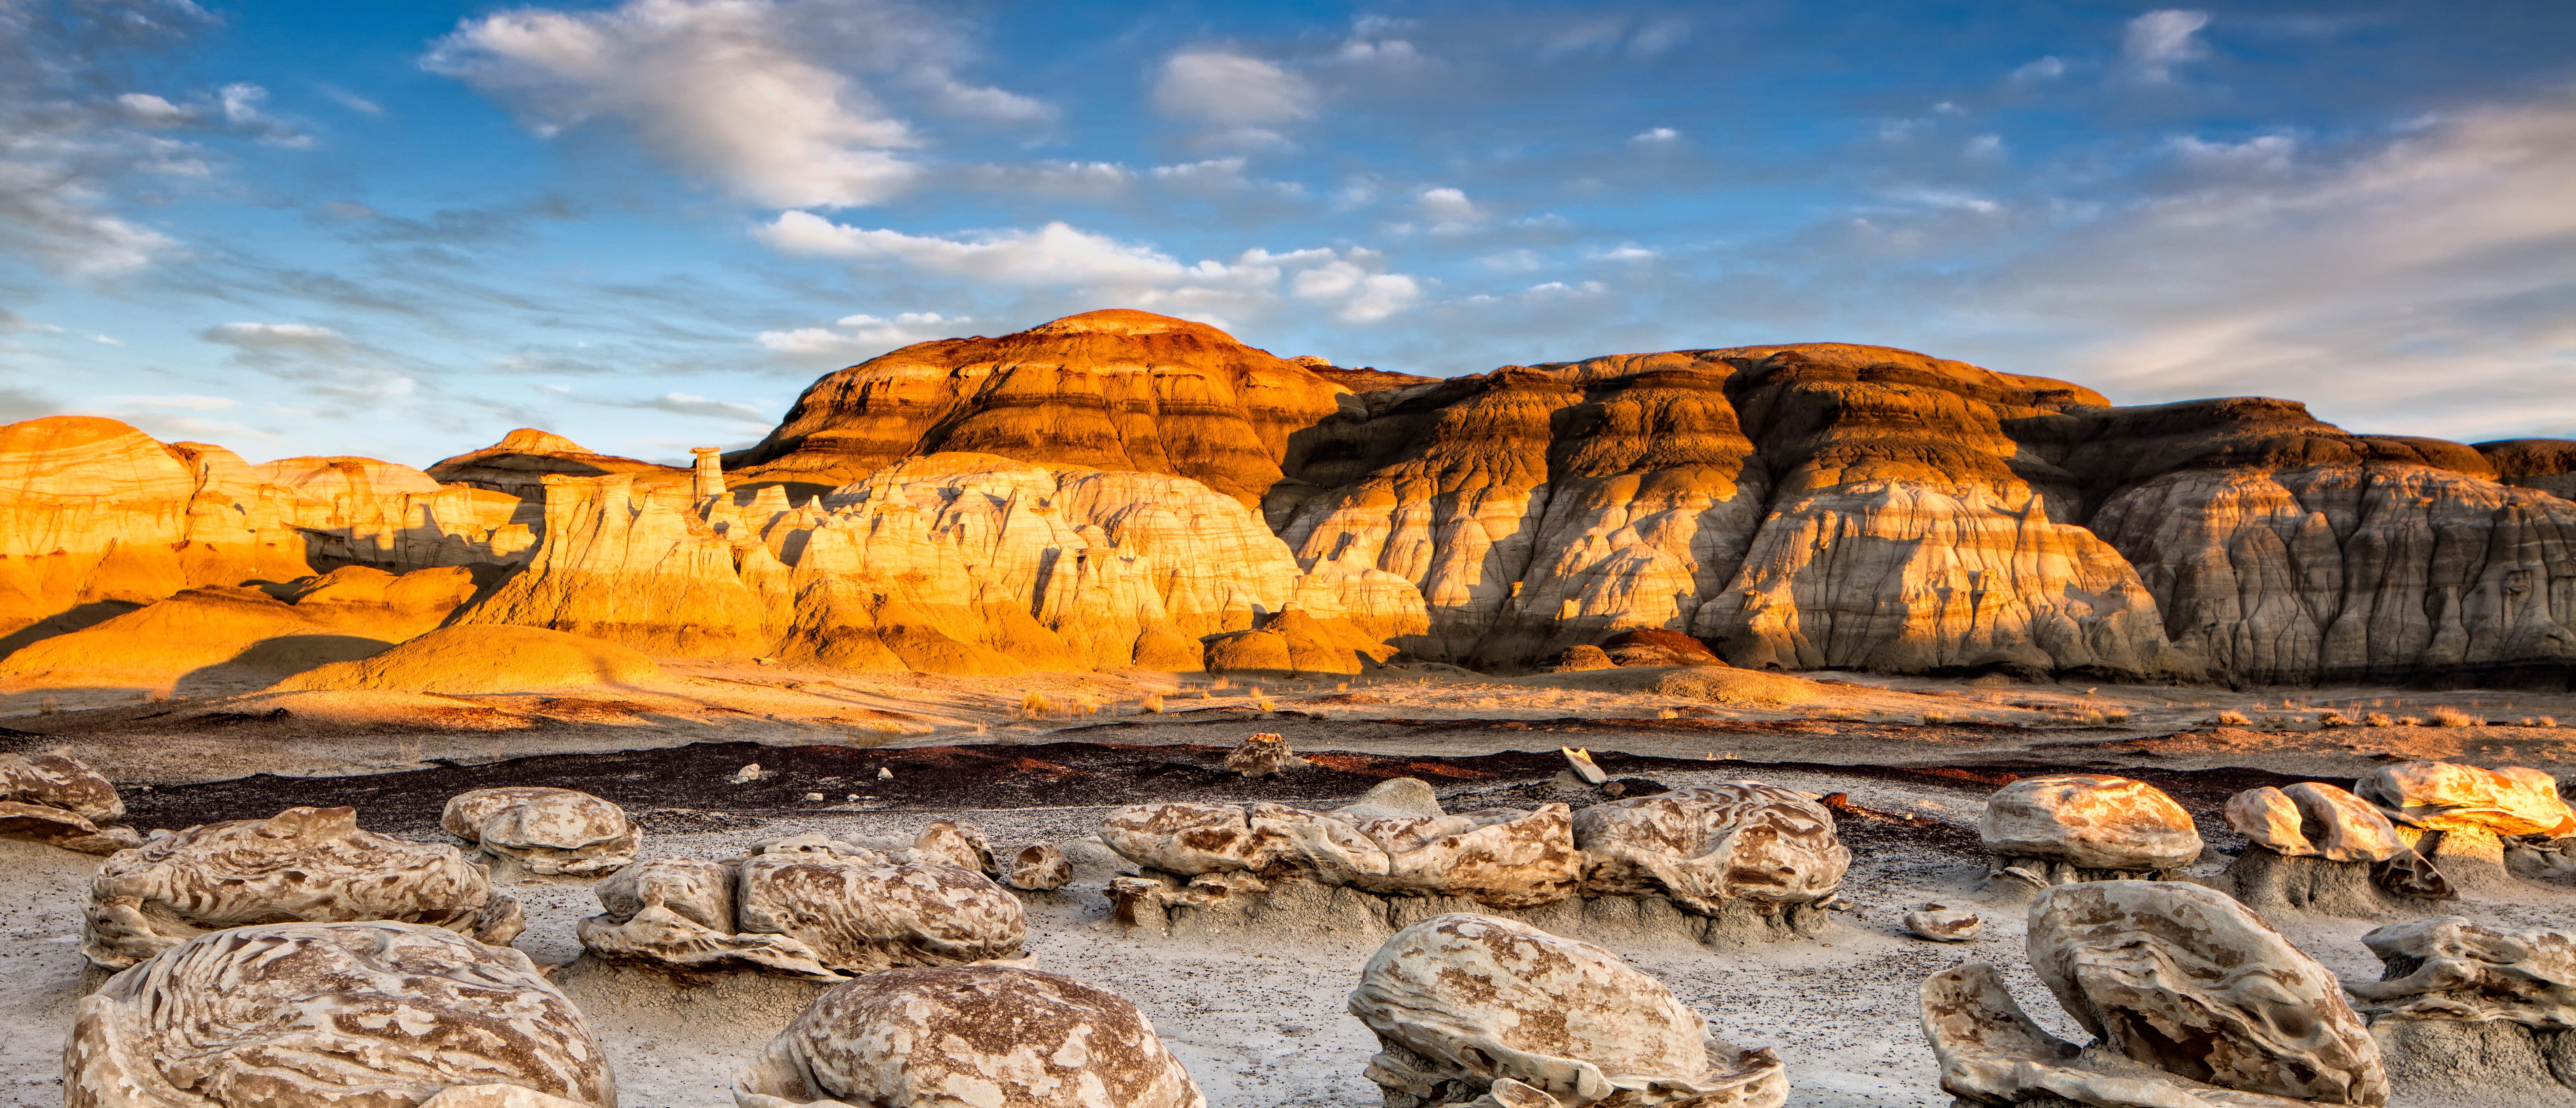 Golden sunrise over Bandelier National Monument, NM (Shutterstock/Erik Harrison)